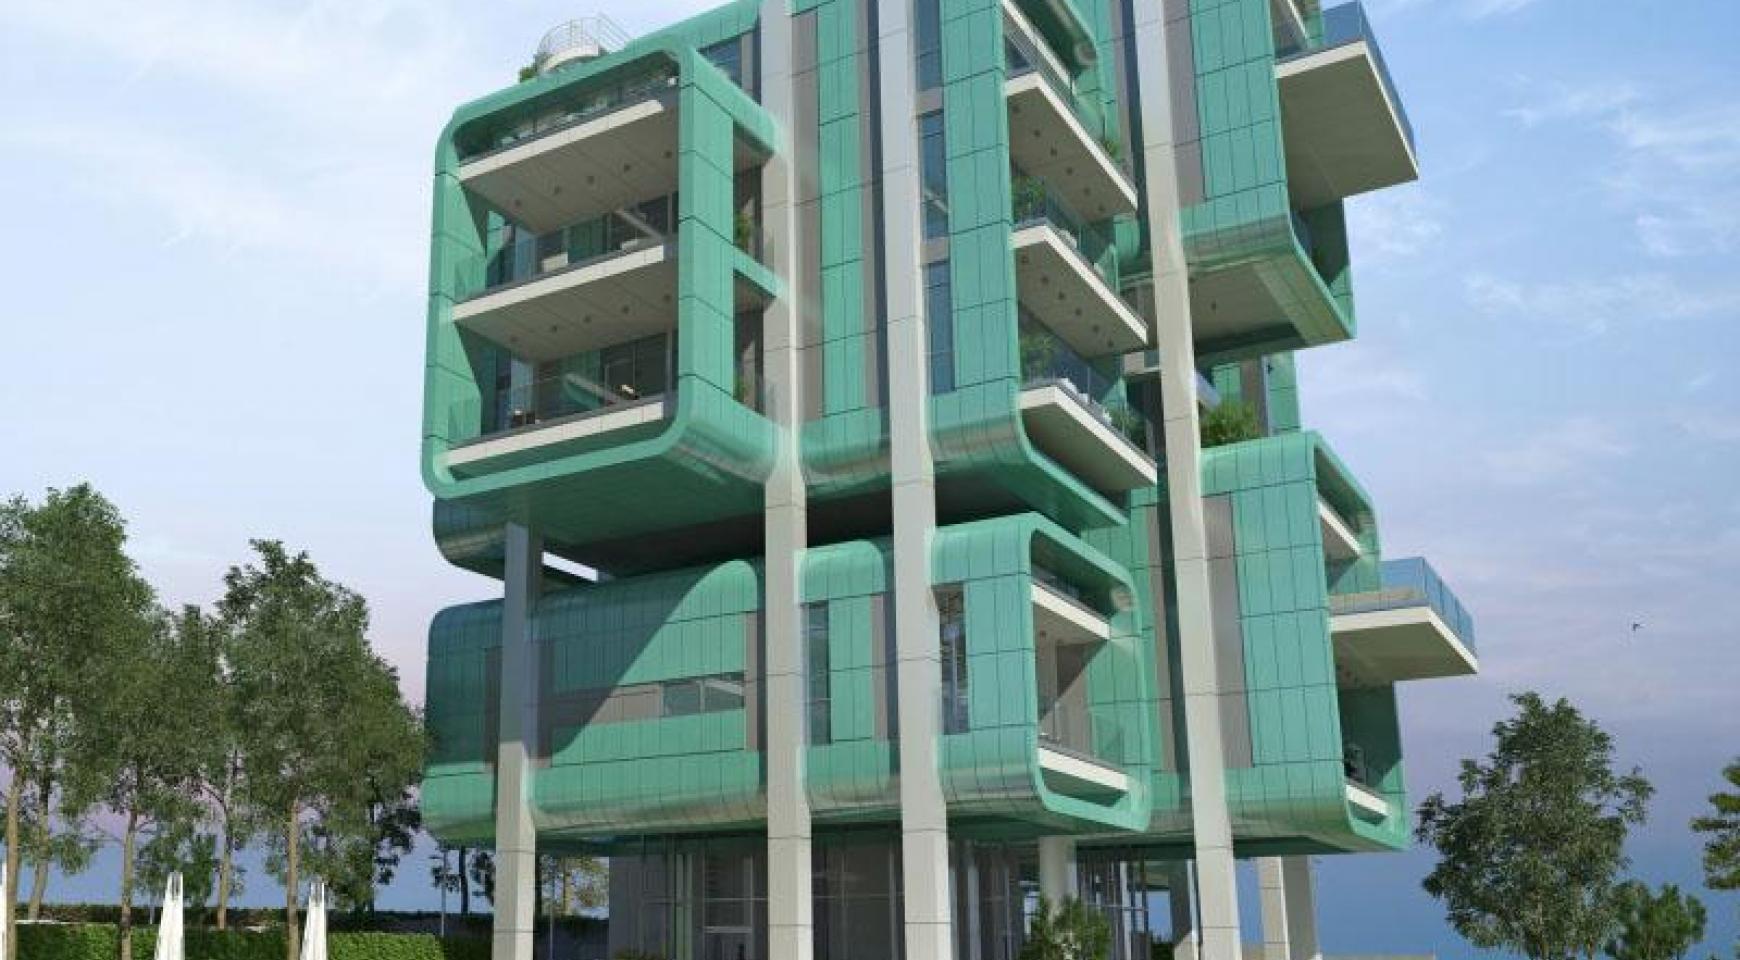 Πολυτελές διαμέρισμα 2 υπνοδωματίων με ταράτσα στο νεόδμητο συγκρότημα - 29